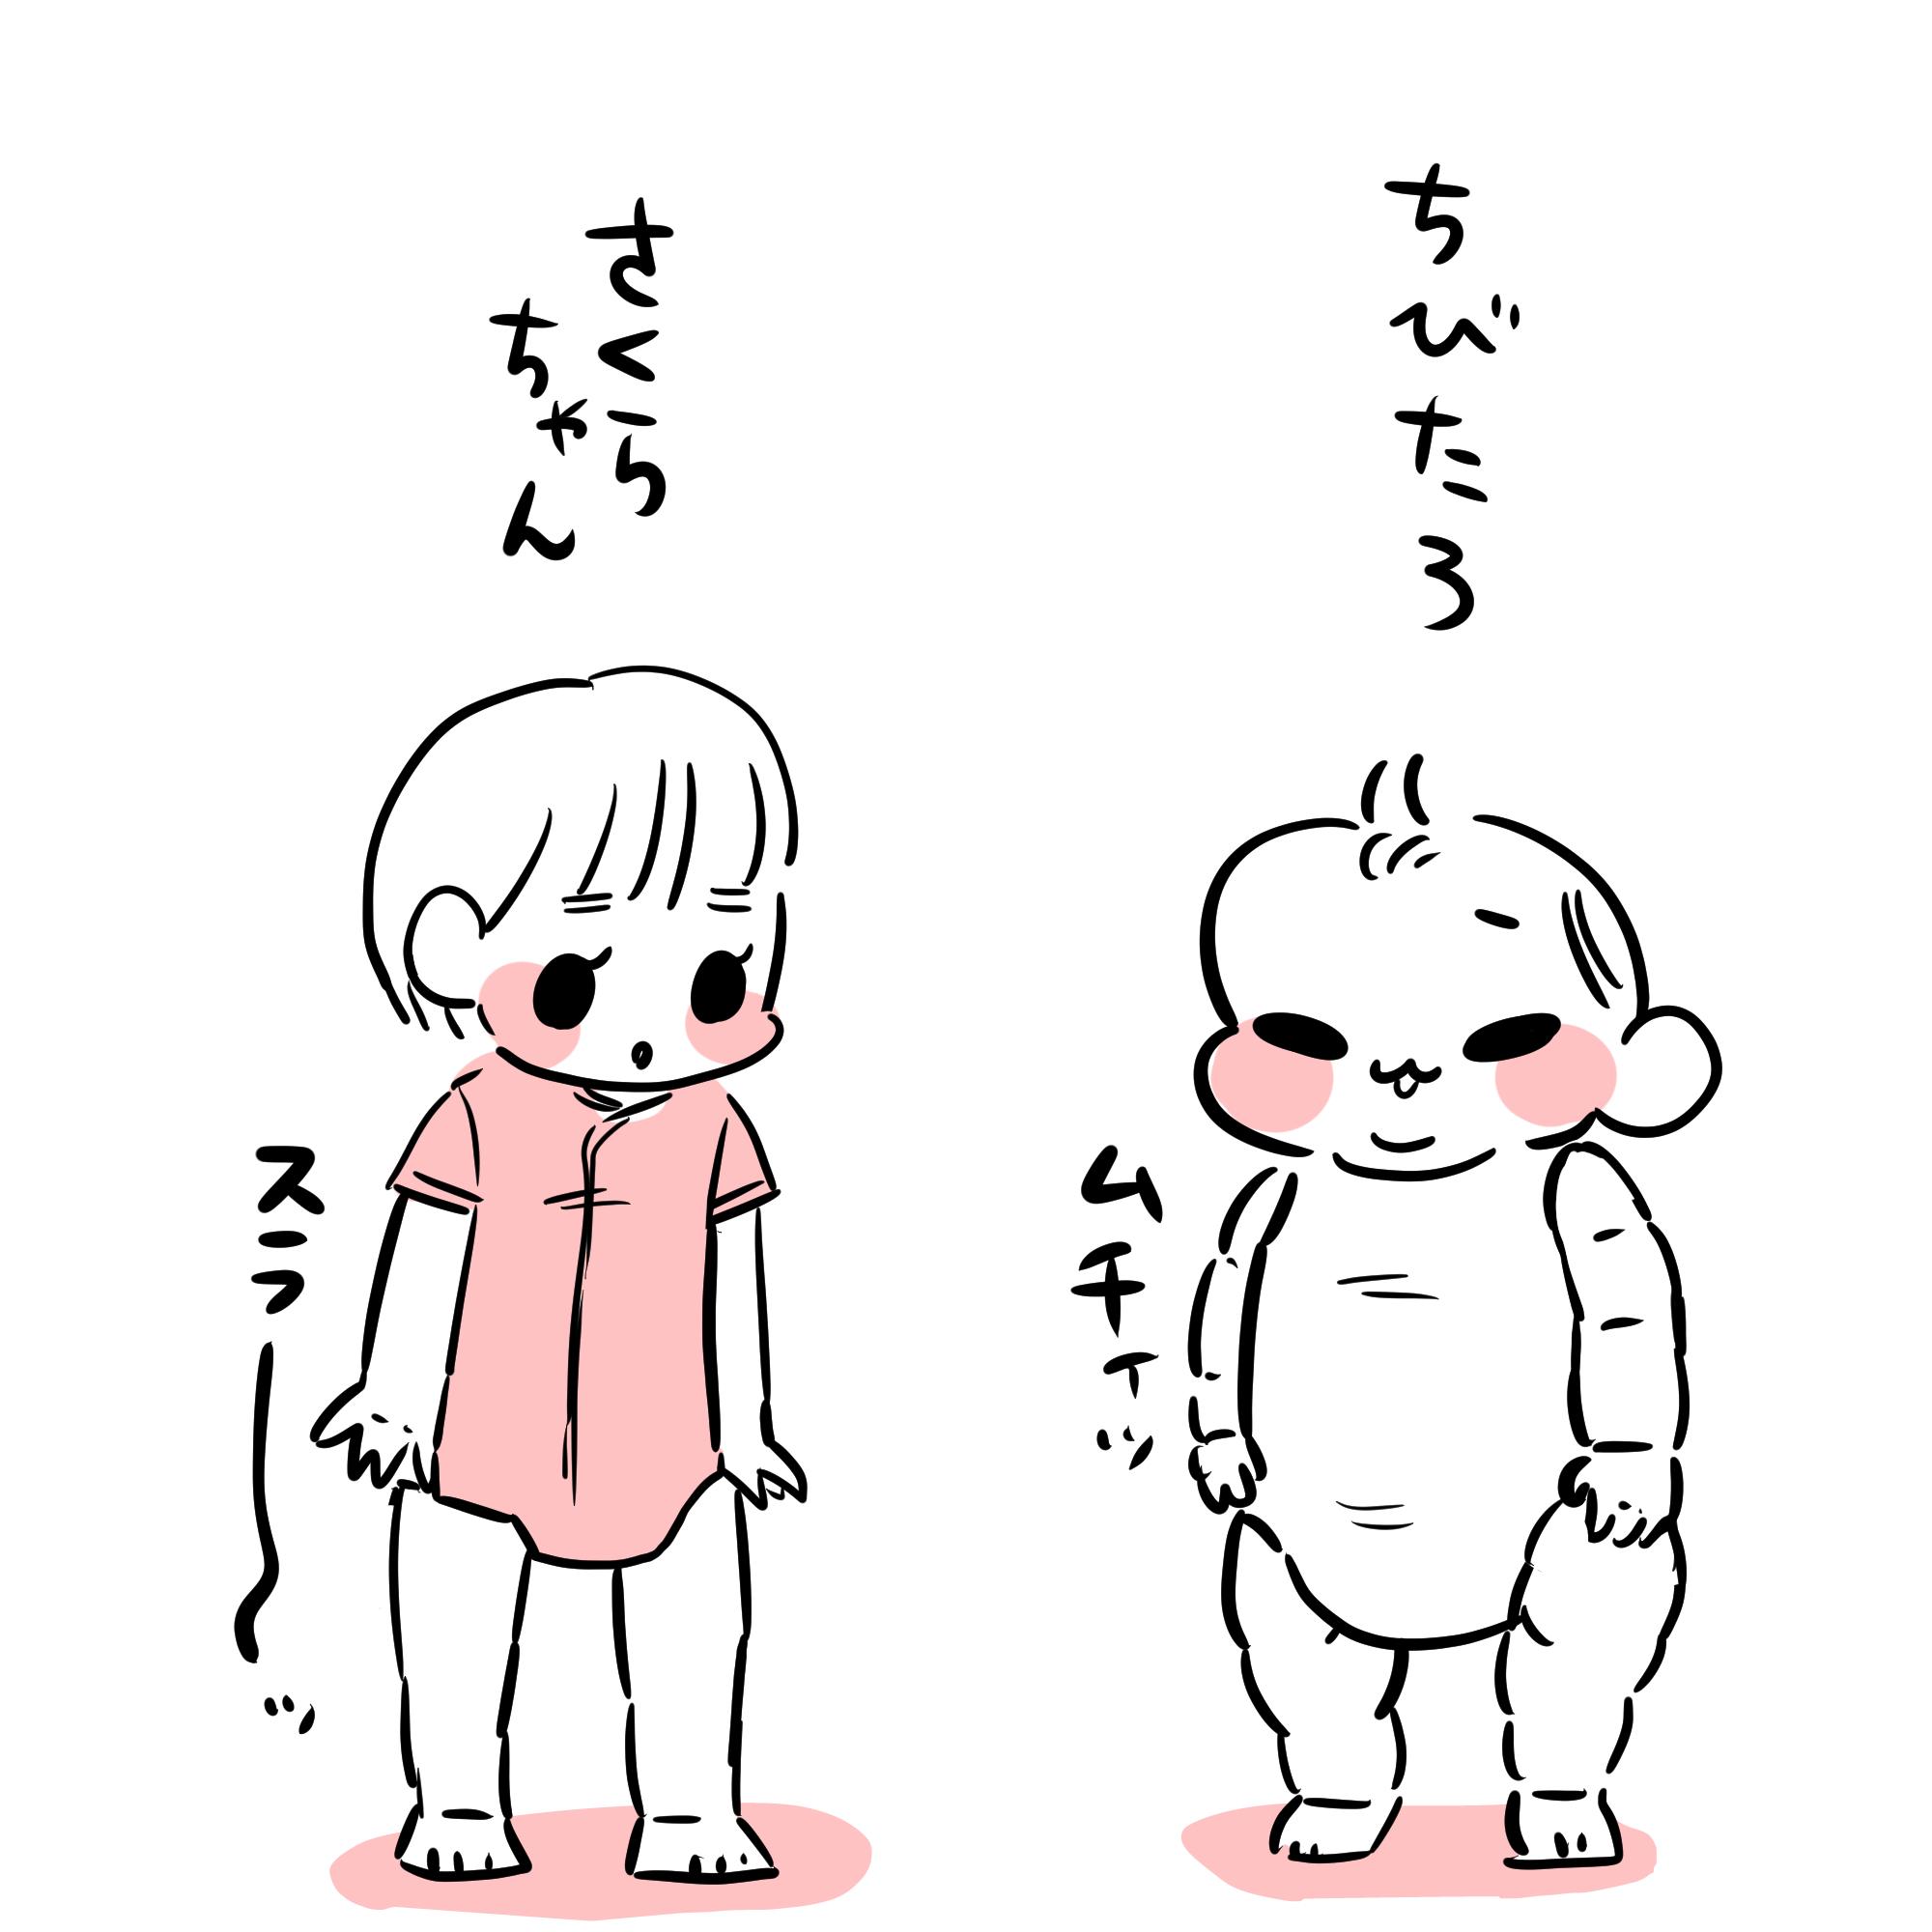 赤ちゃんの個体差ハンパねえ!|ムチムチ!プニプニ!ちびたろ!#32